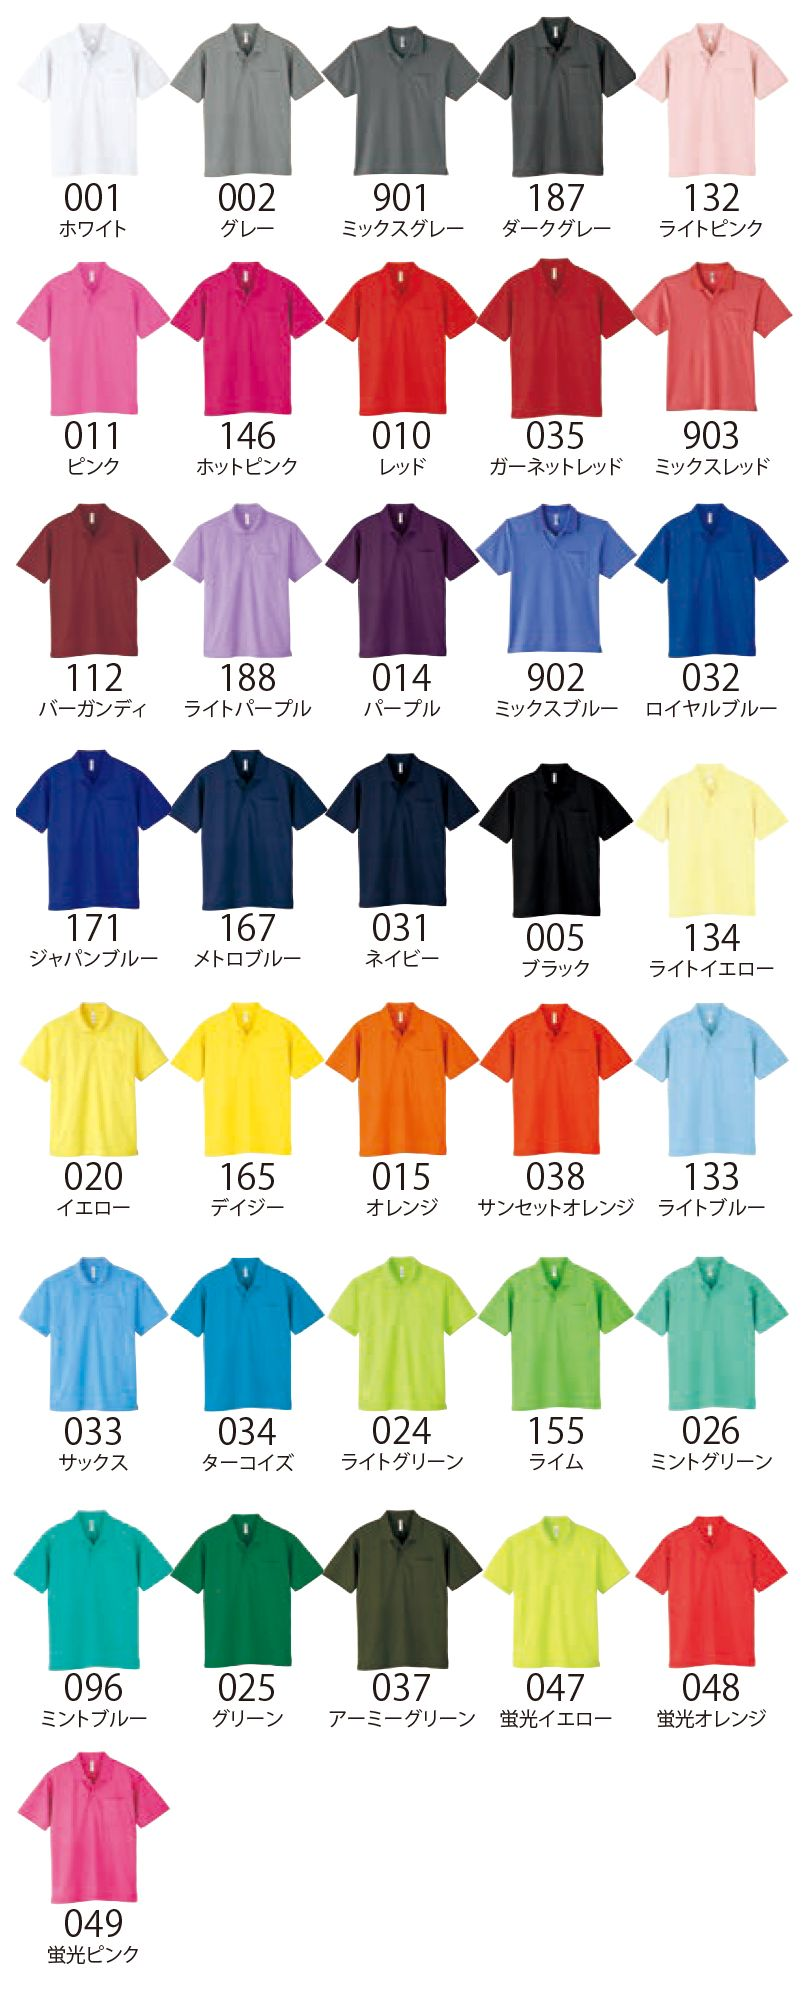 00330-AVP ドライポロシャツ(ポケット付)(4.4オンス)(男女兼用) 色展開